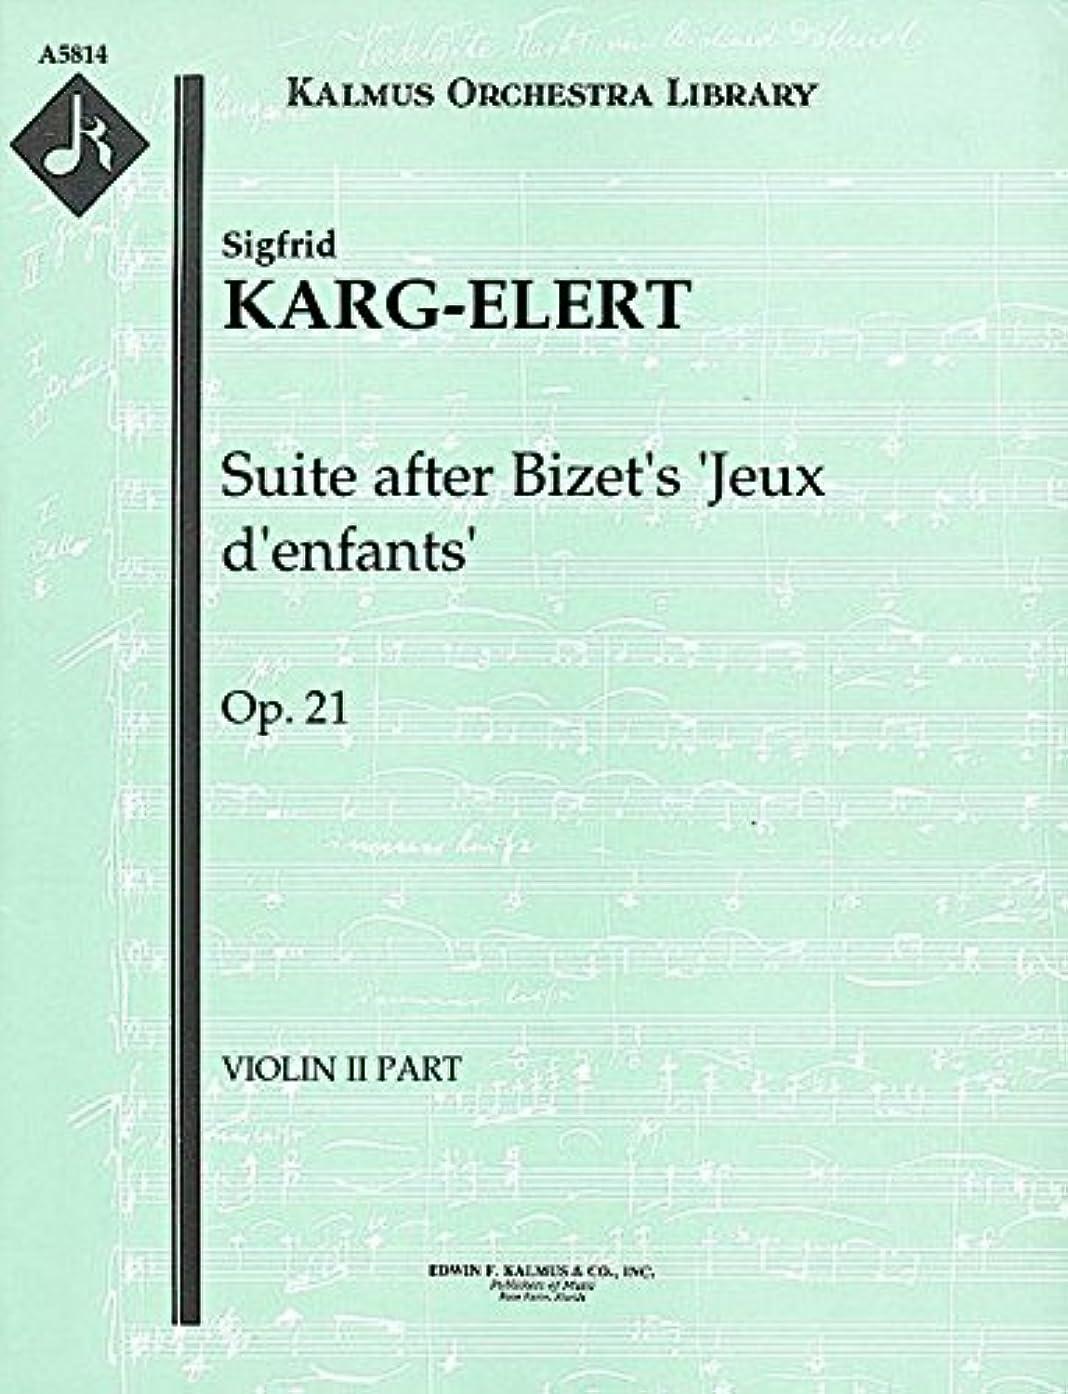 Suite after Bizet's 'Jeux d'enfants', Op.21: Violin II part (Qty 3) [A5814]